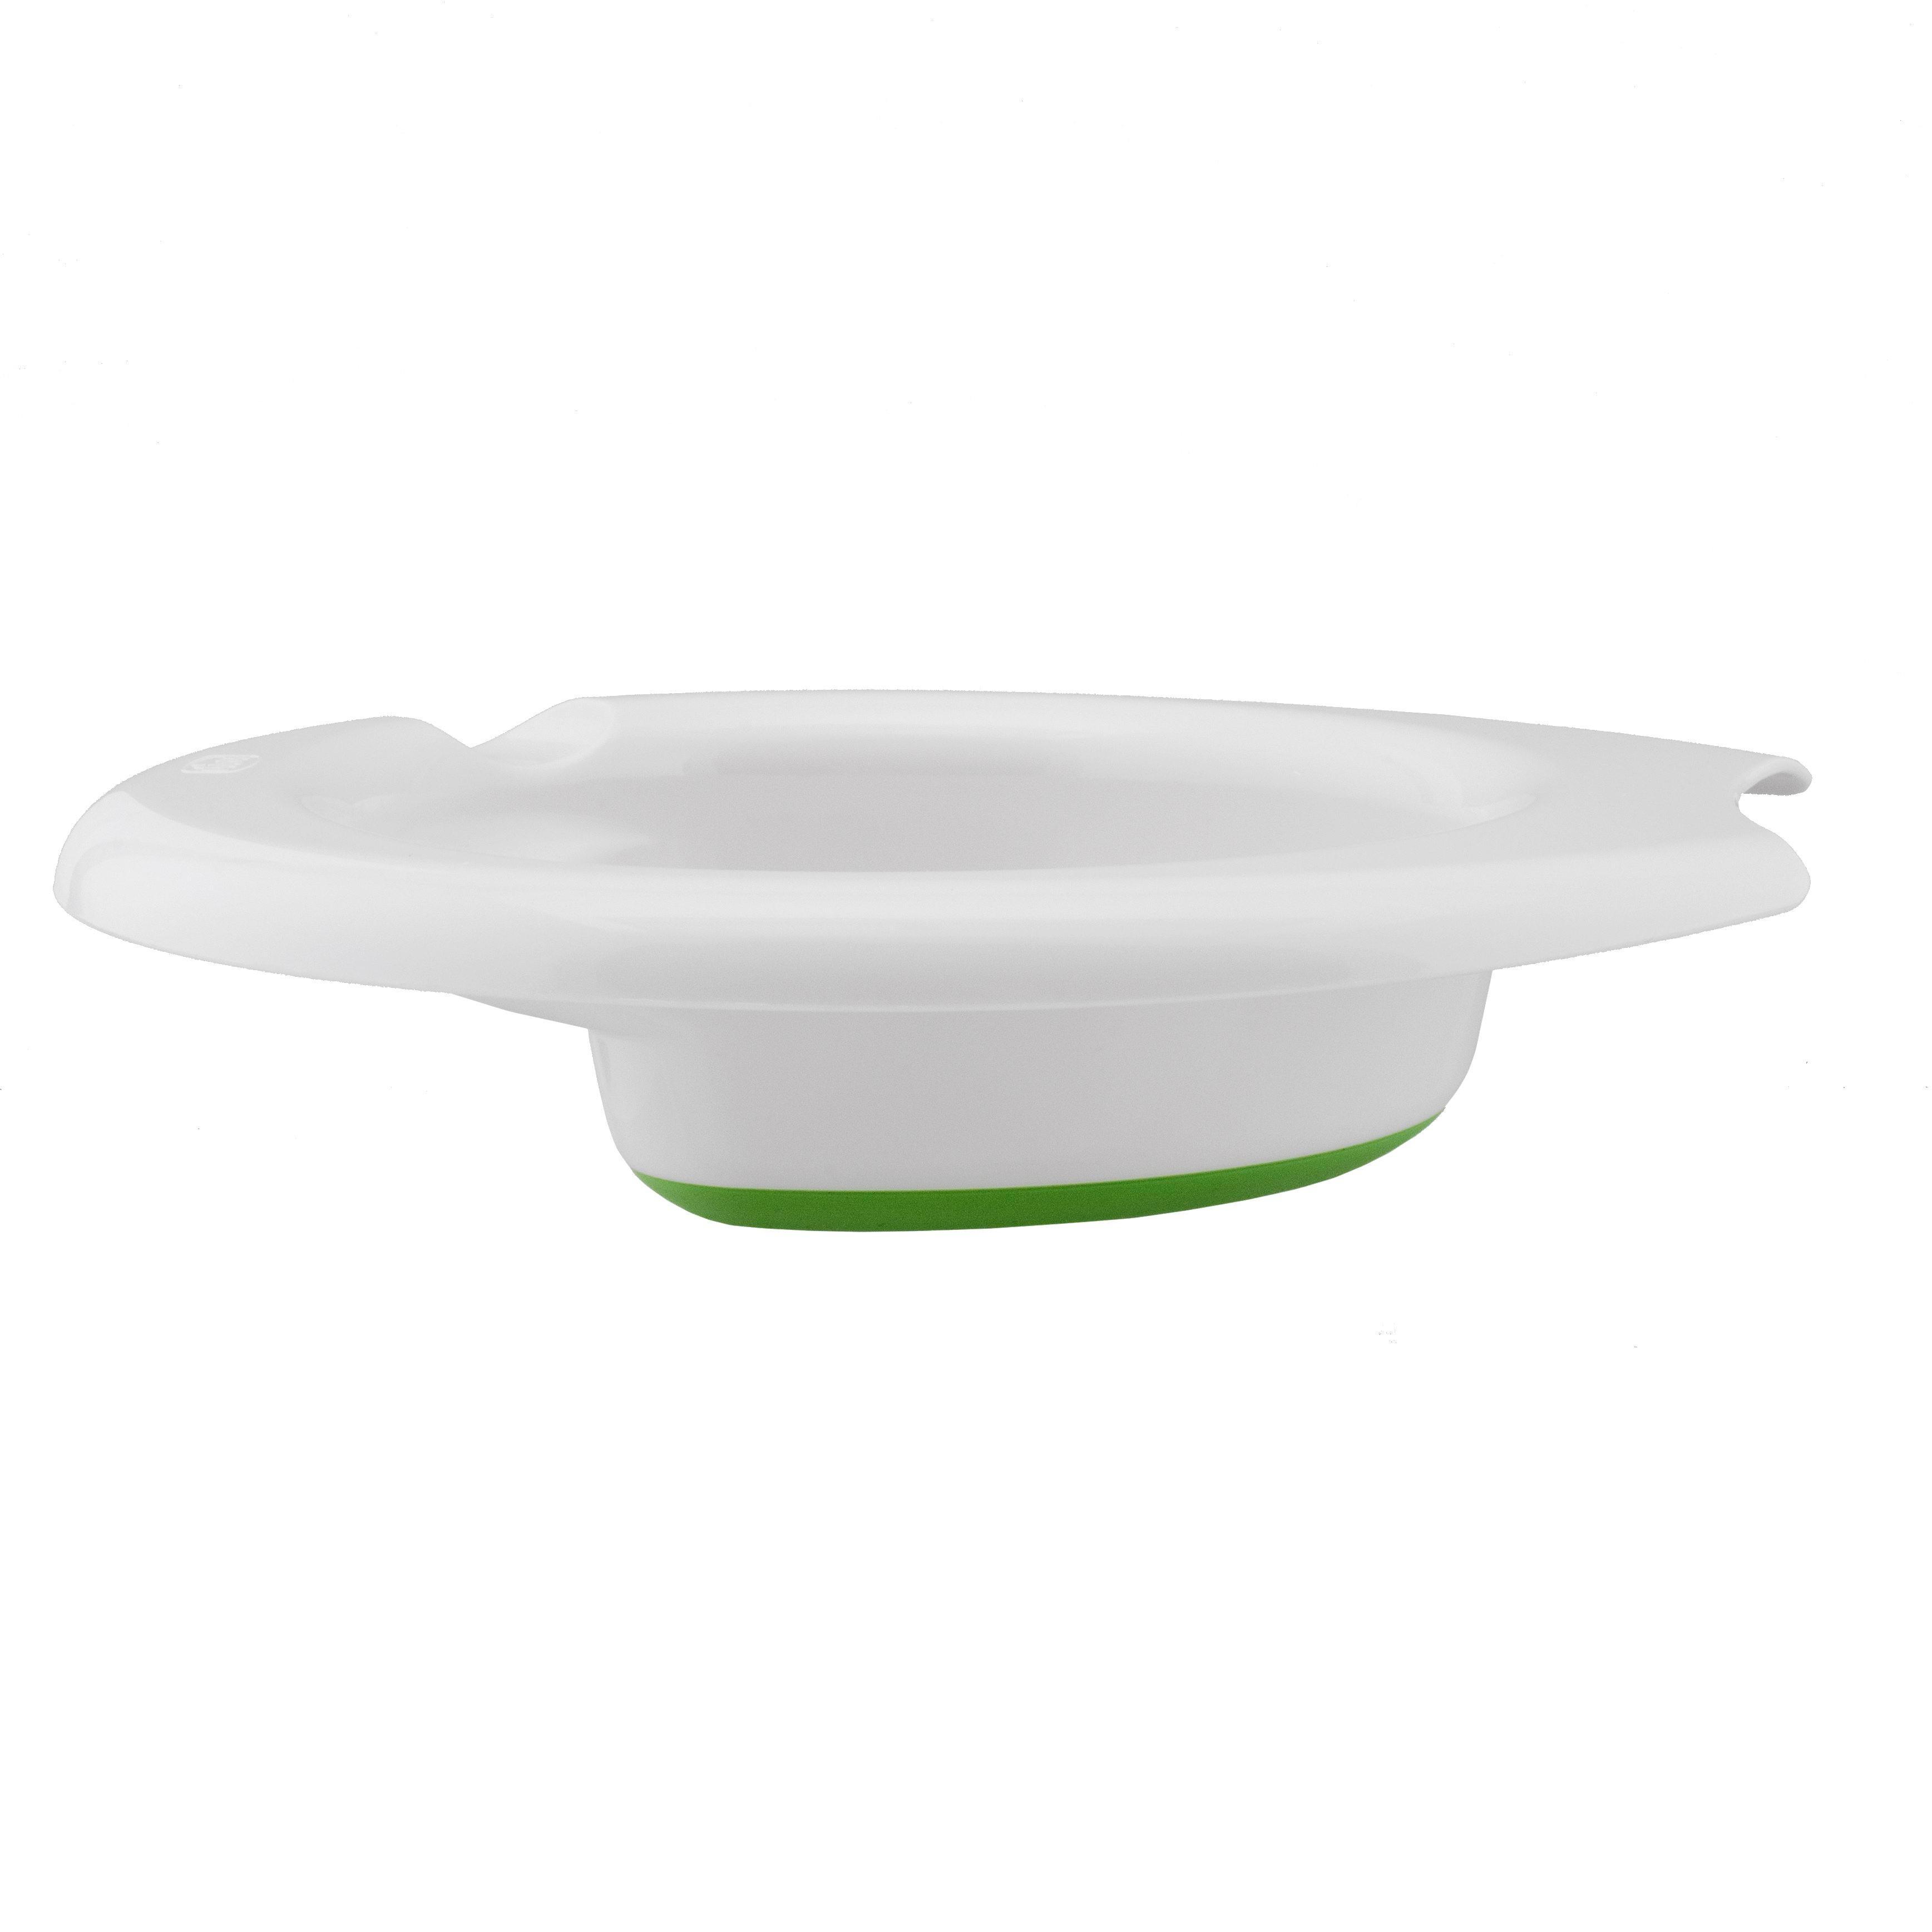 TANJUR ZA ZADRŽAVANJE TOPLINE - bijela/zelena, Basics, plastika (1/17/2cm) - CHICCO